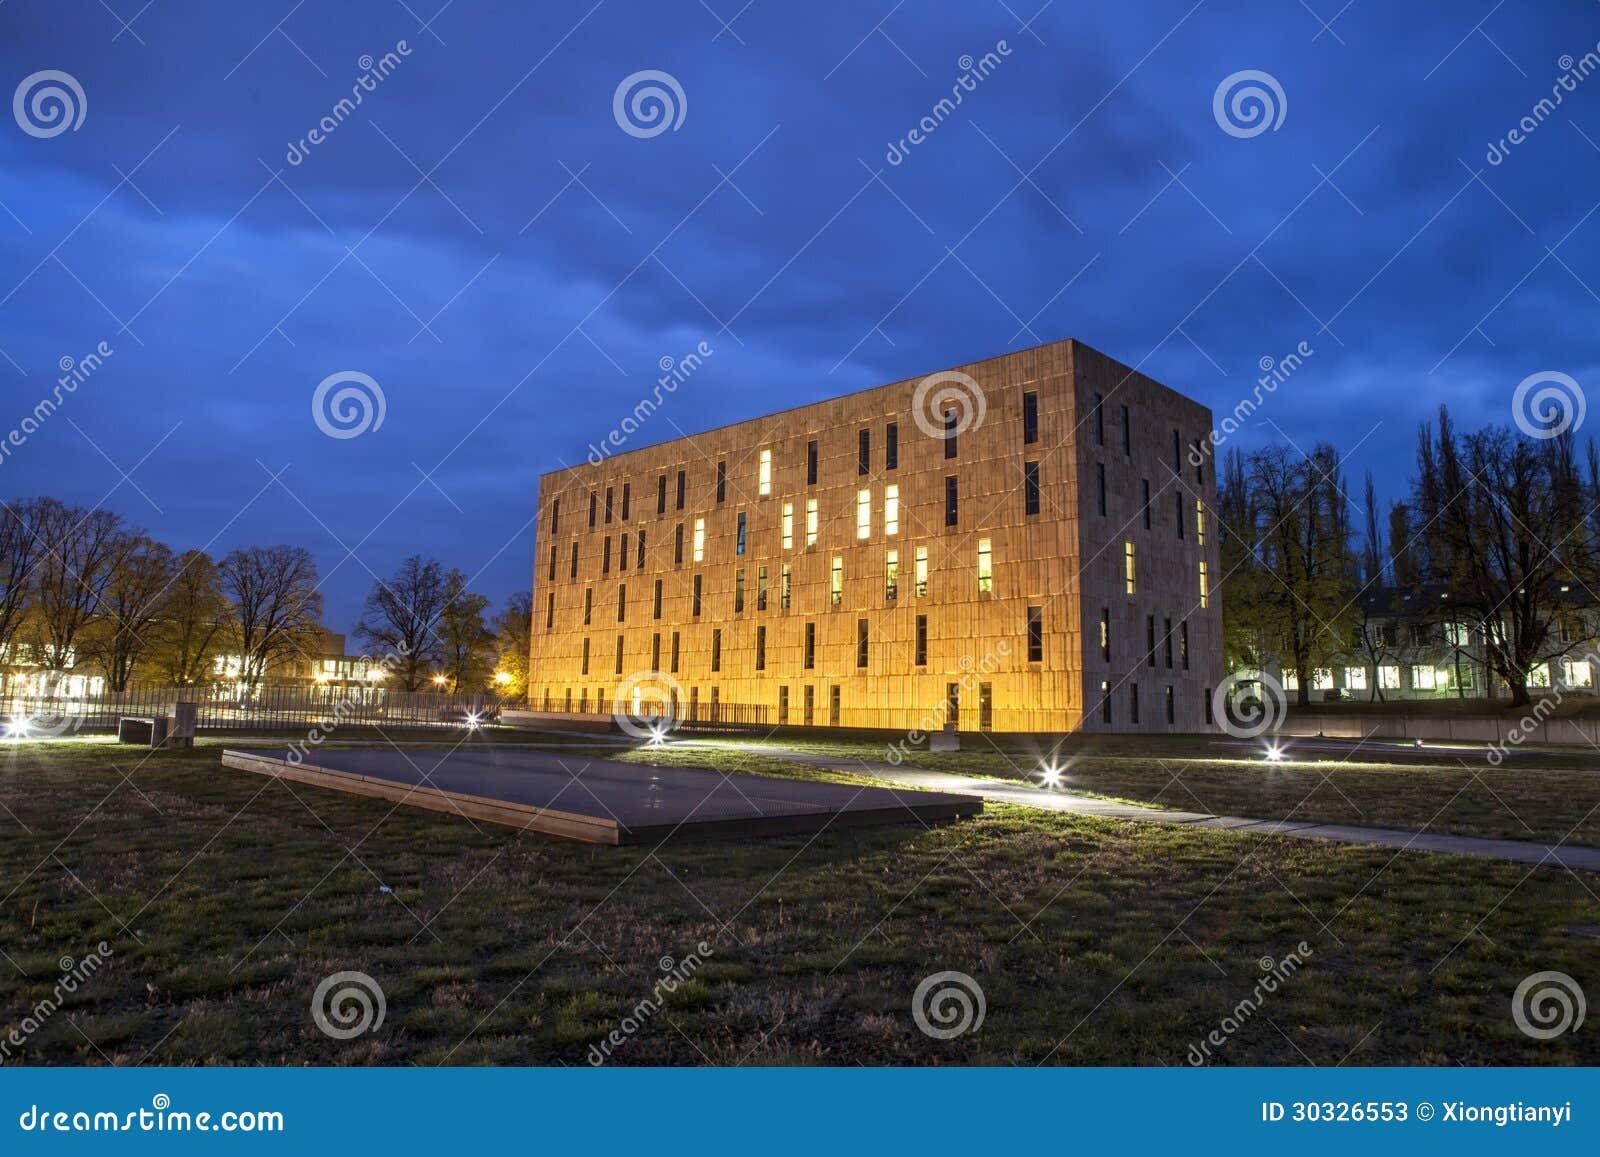 撒克逊人的状态和大学图书馆德累斯顿的夜场面